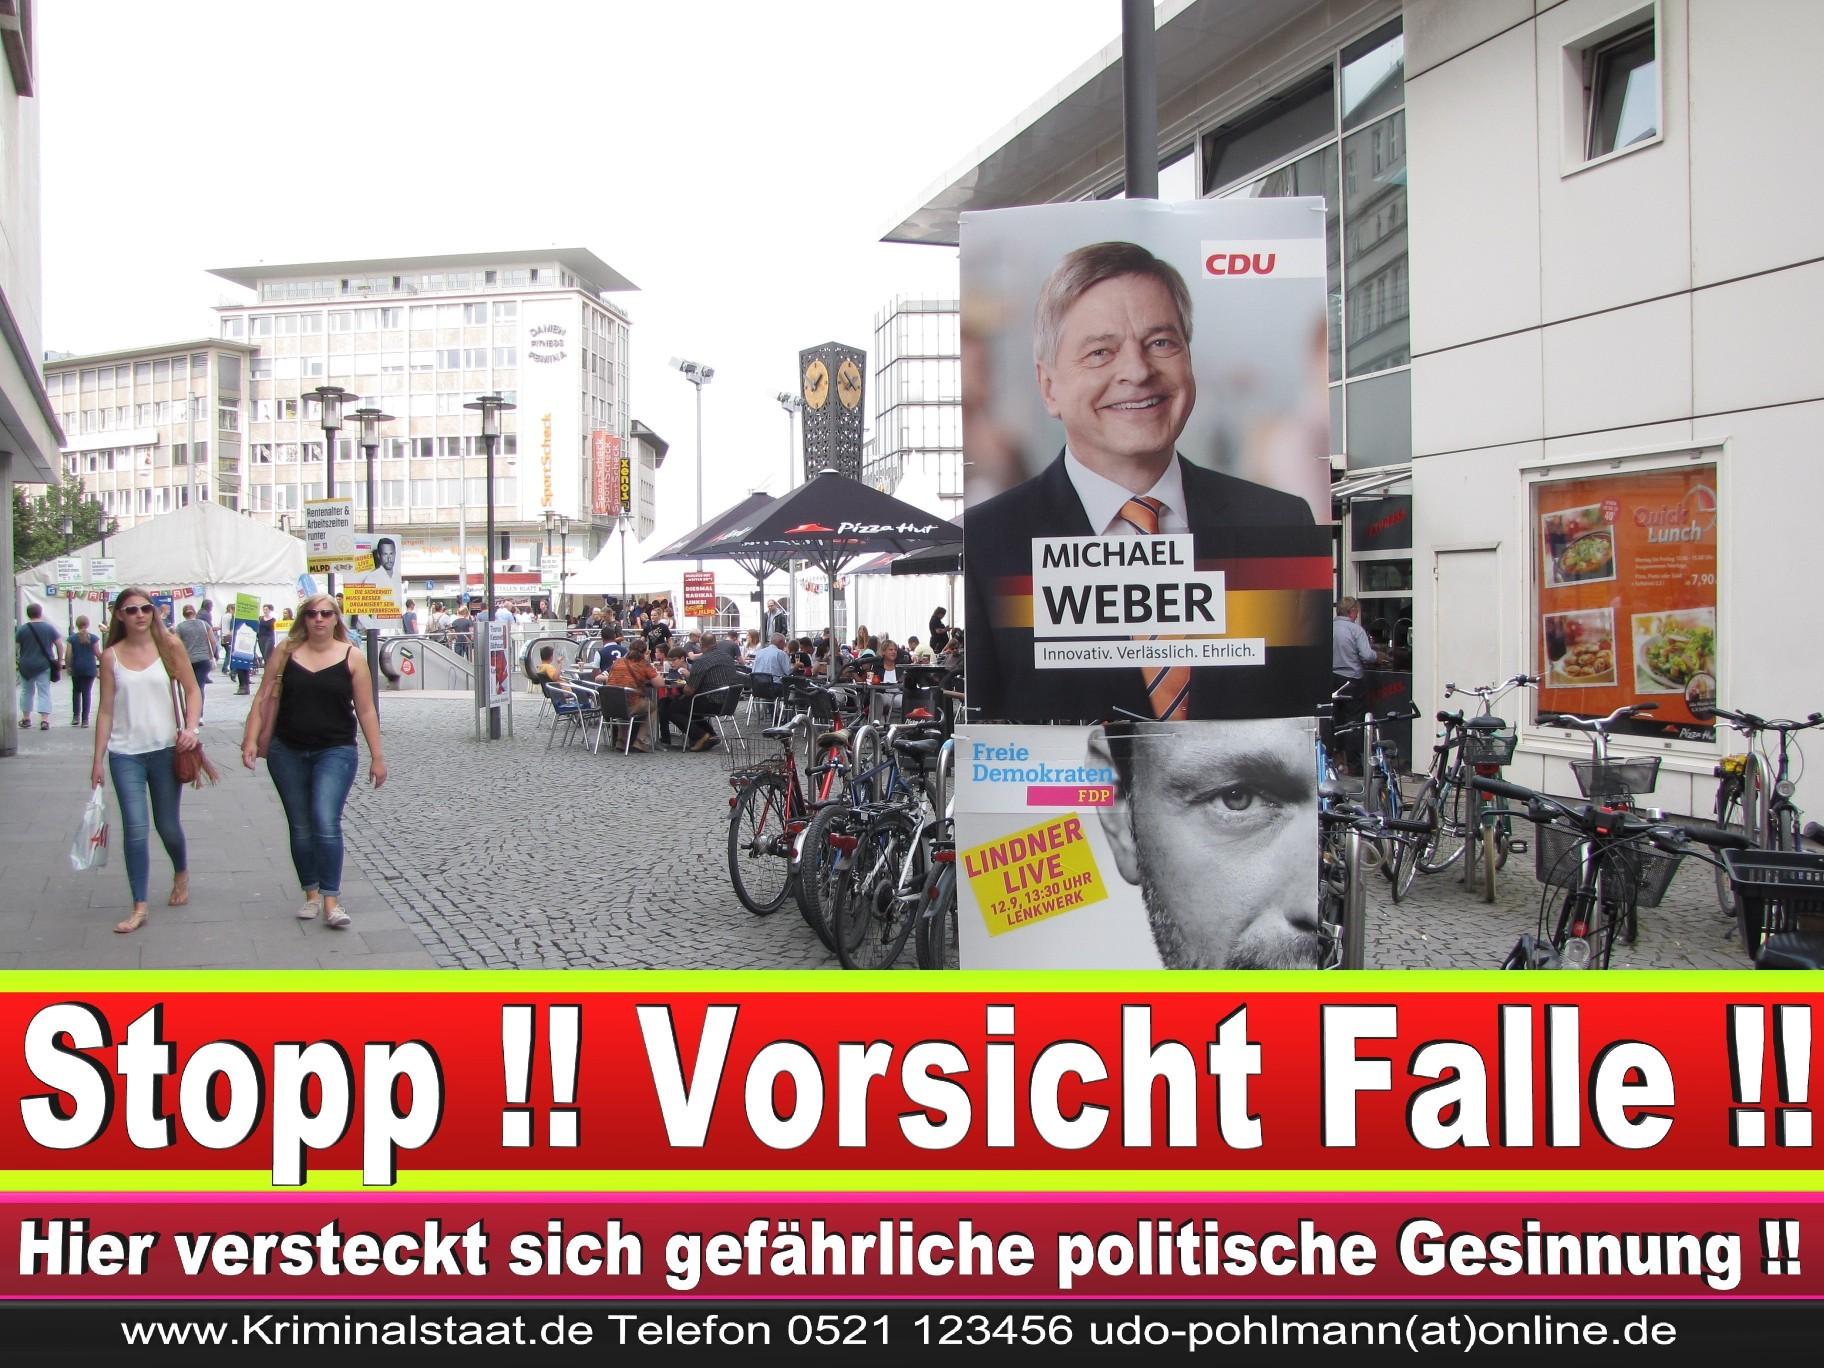 Wahlwerbung Wahlplakate Landtagswahl 2019 Europawahl CDU SPD FDP 2021 (43)